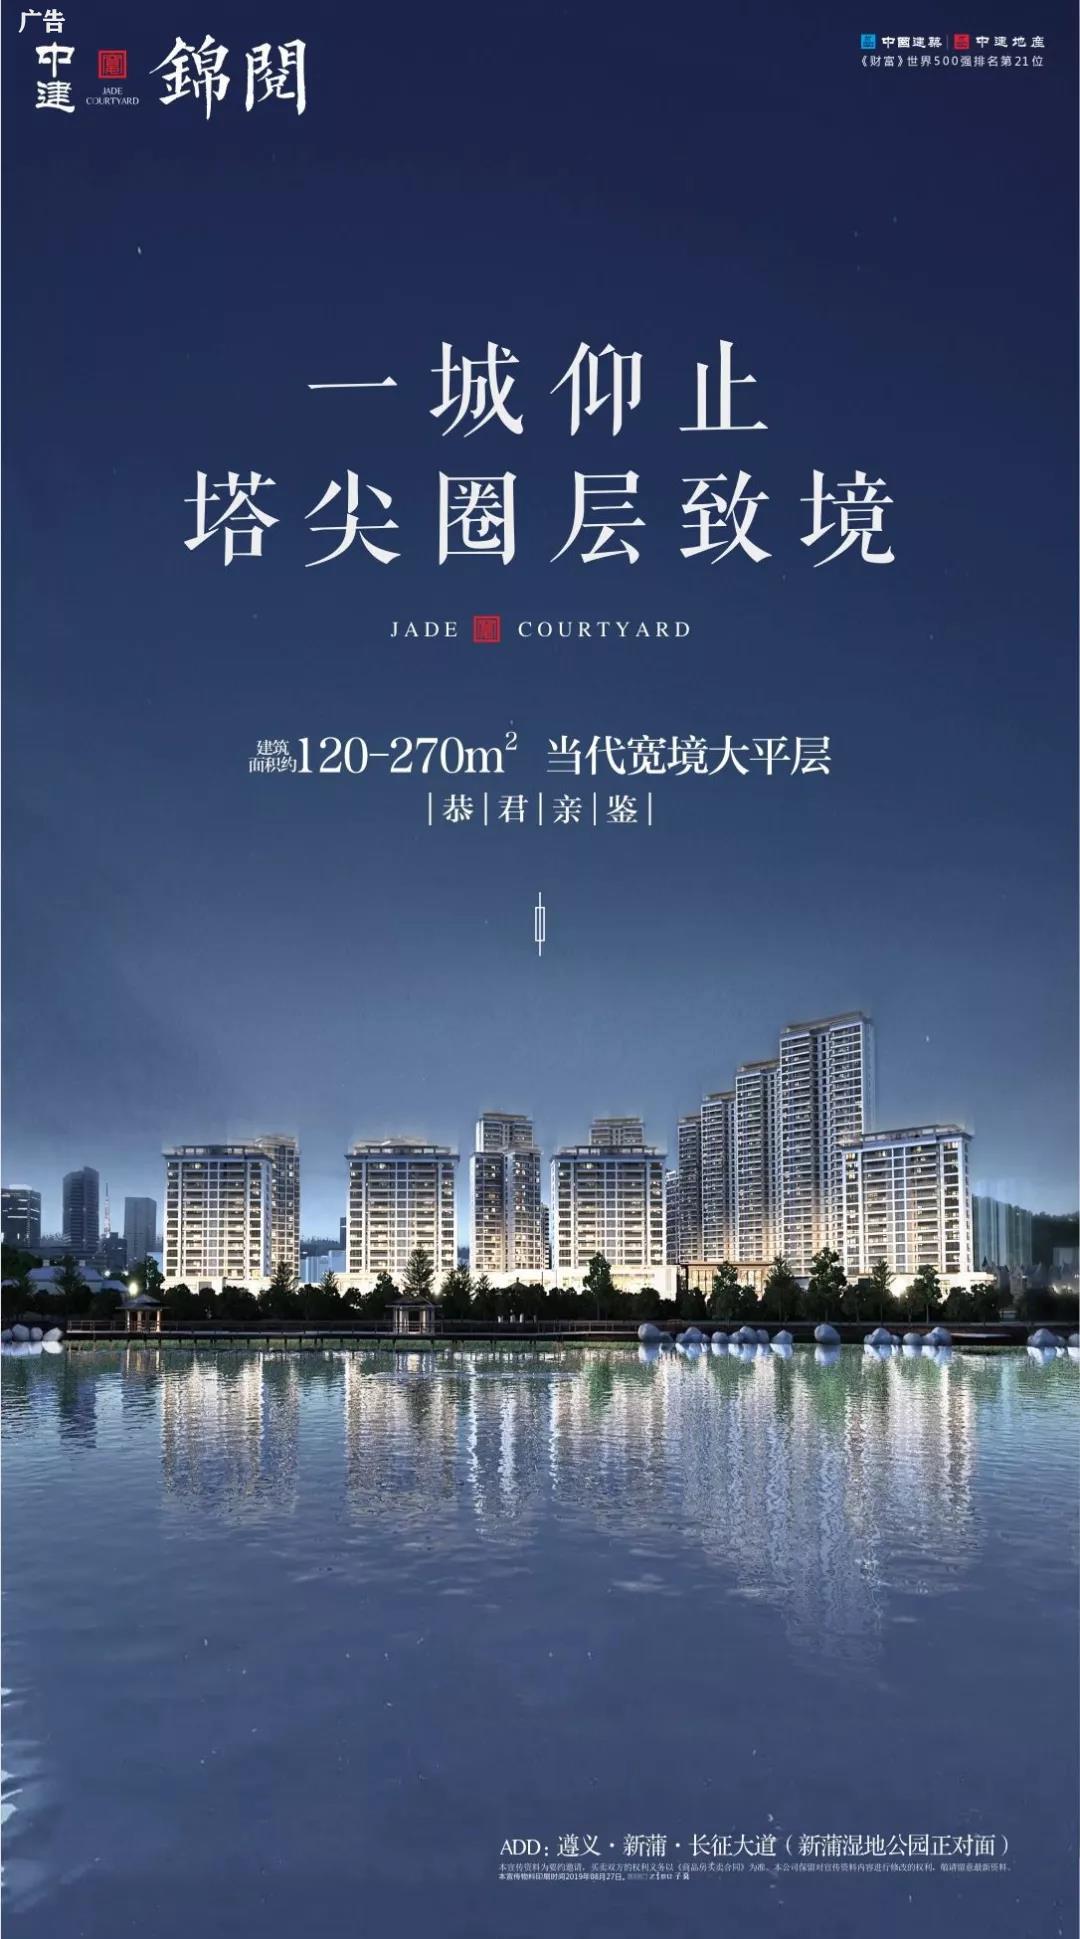 中建·锦阅 :苛求完美  以空间智慧匹配生活尊贵-中国网地产